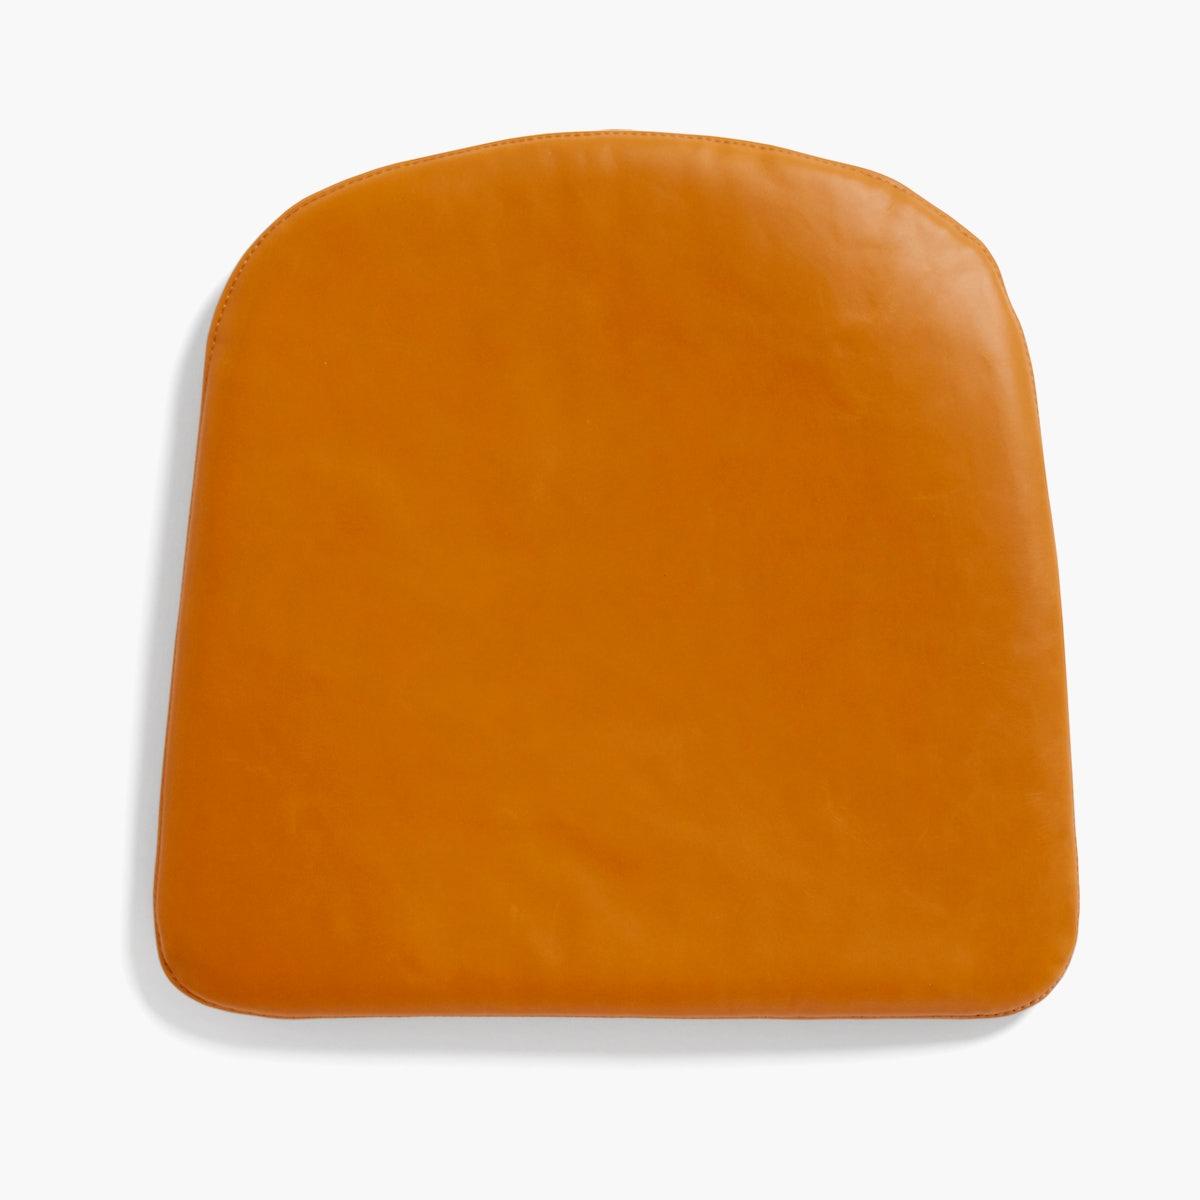 J 42 Seat Cushion